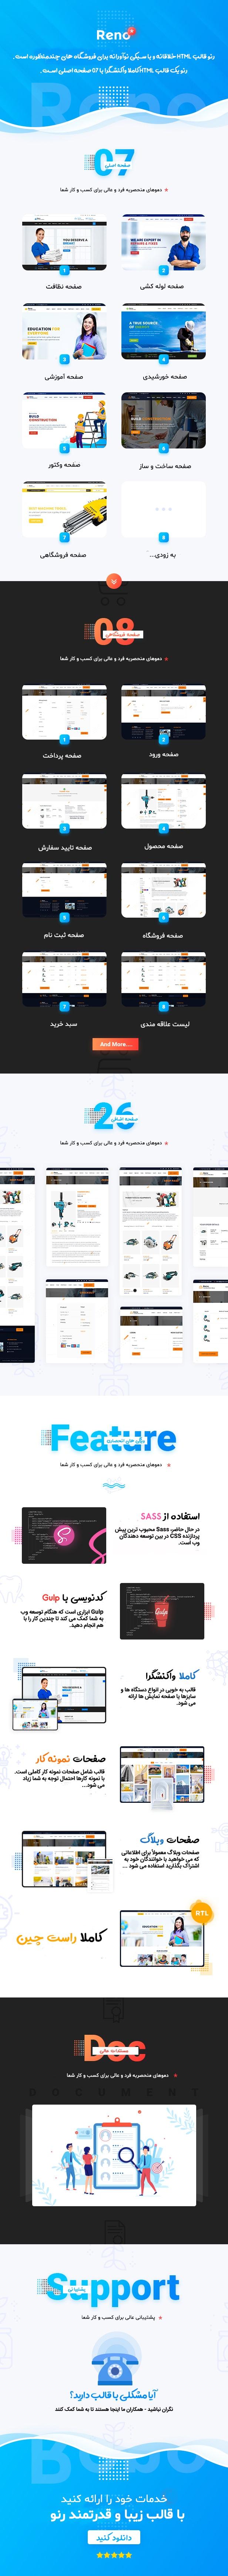 قالب HTML چند منظوره Reno با 37 صفحه HTML